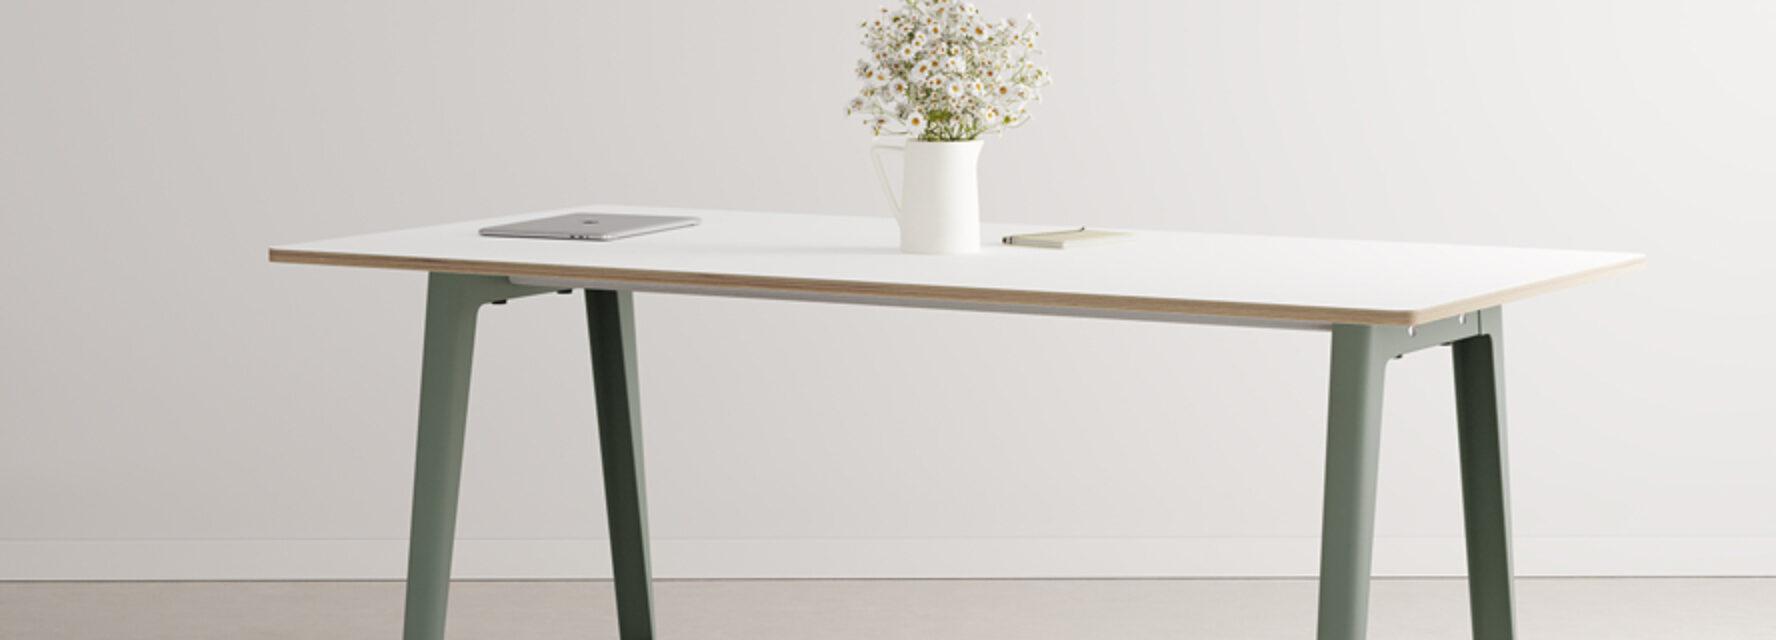 Tables de réunion - TIPTOE